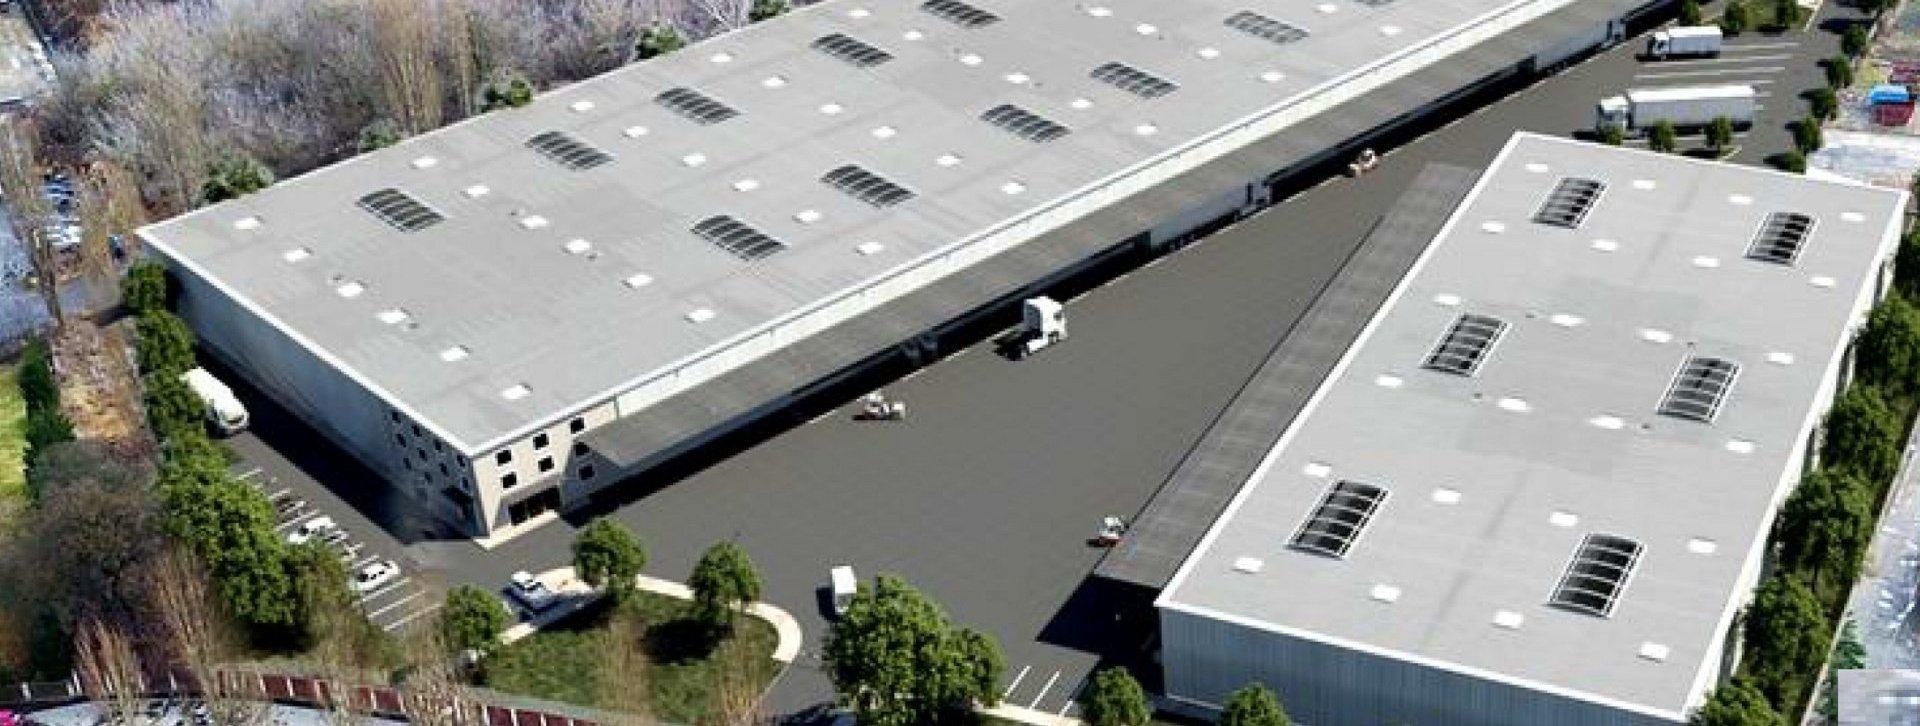 pronajem-moderni-skladove-vyrobni-prostory-3-600-10-800-m2-bilina-bilina-vizualizace-3-5912ca